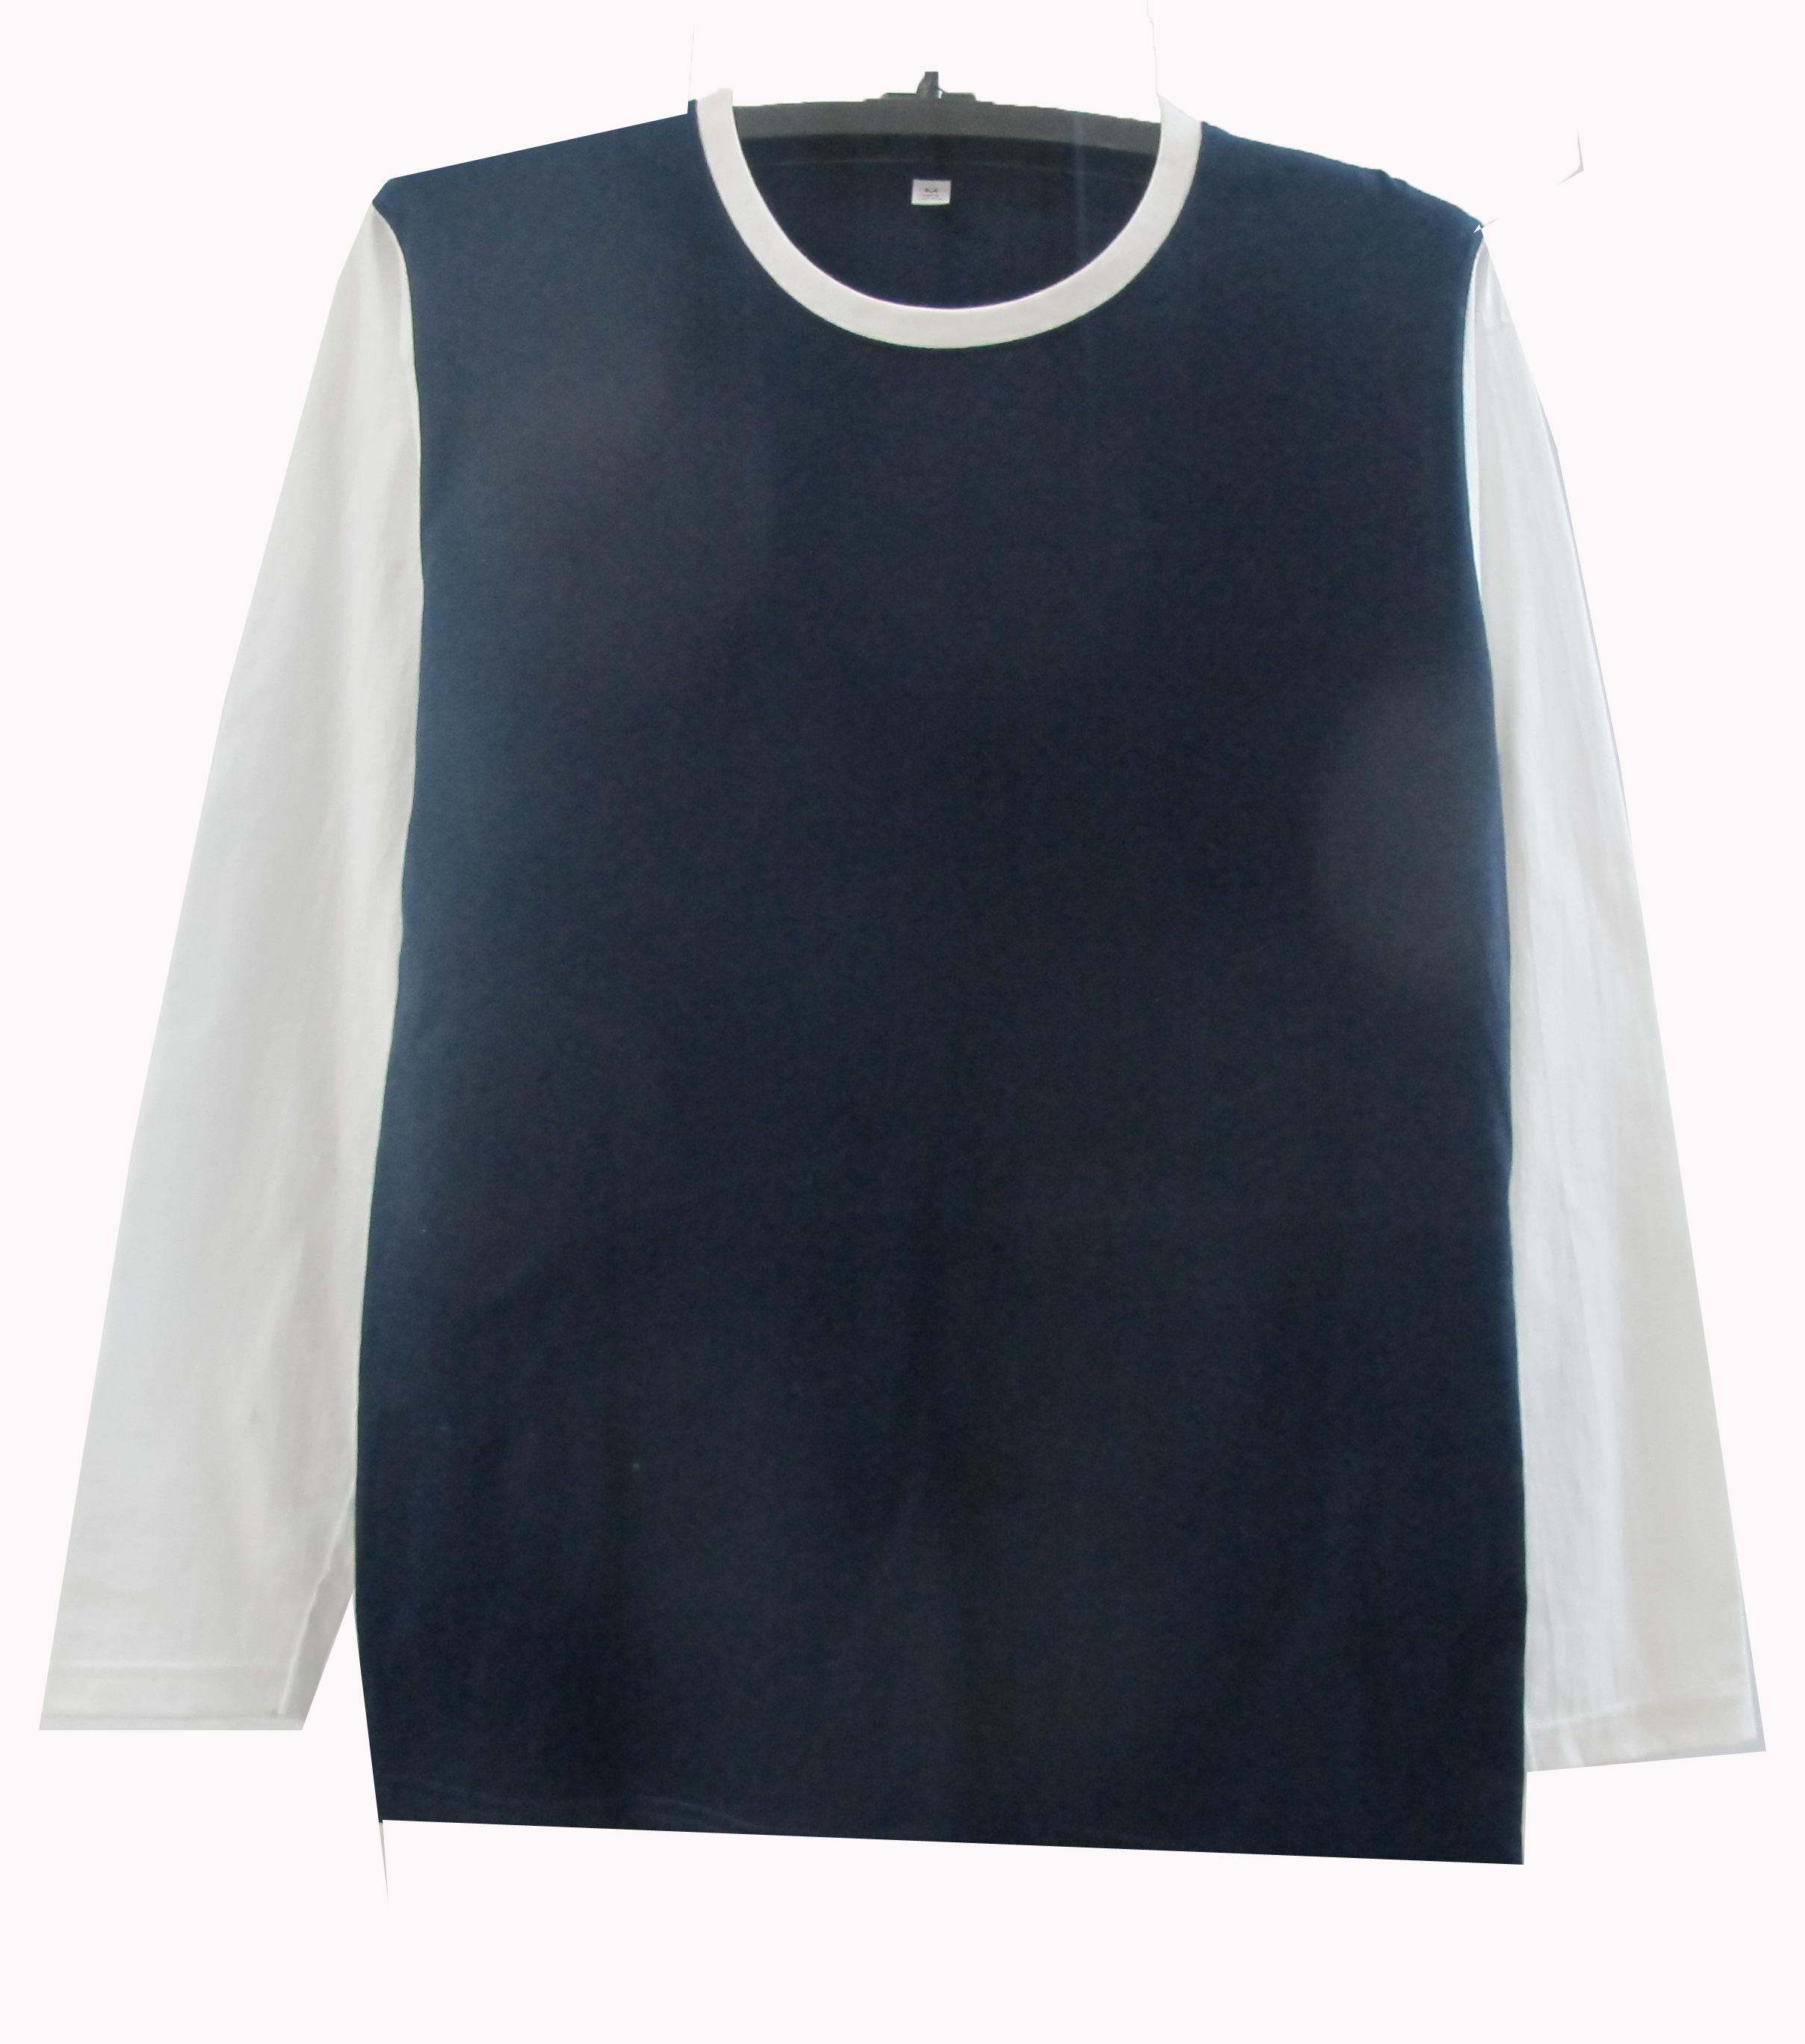 เสื้อแขนยาวตัดต่อตัวสีแขนขาว สีกรม